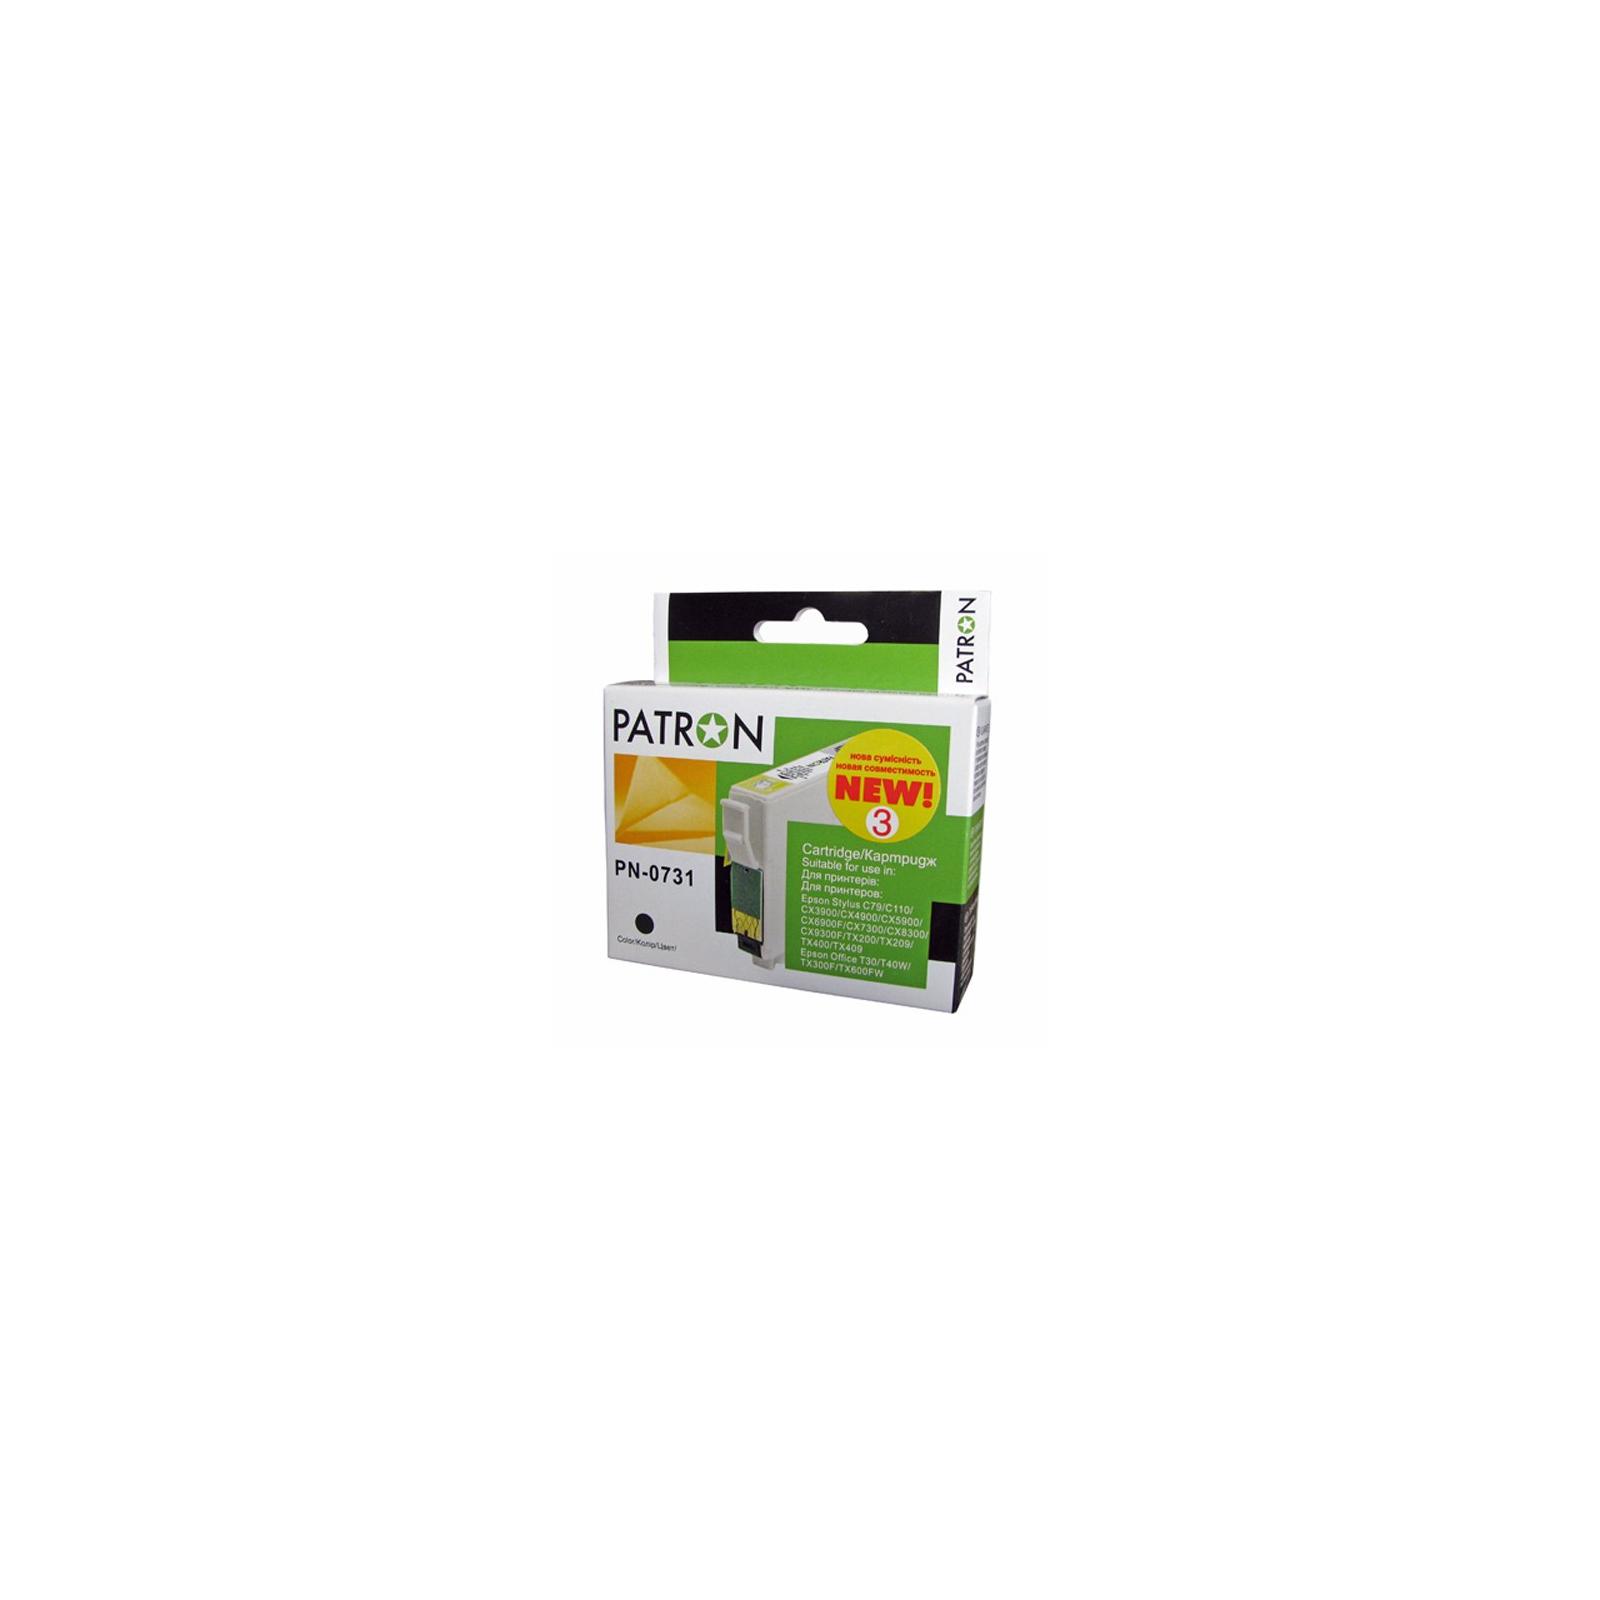 Картридж PATRON для EPSON C79/C110/TX200 black (CI-EPS-T07314-B3-PN/CI-EPS-T07314-B-PN) изображение 2